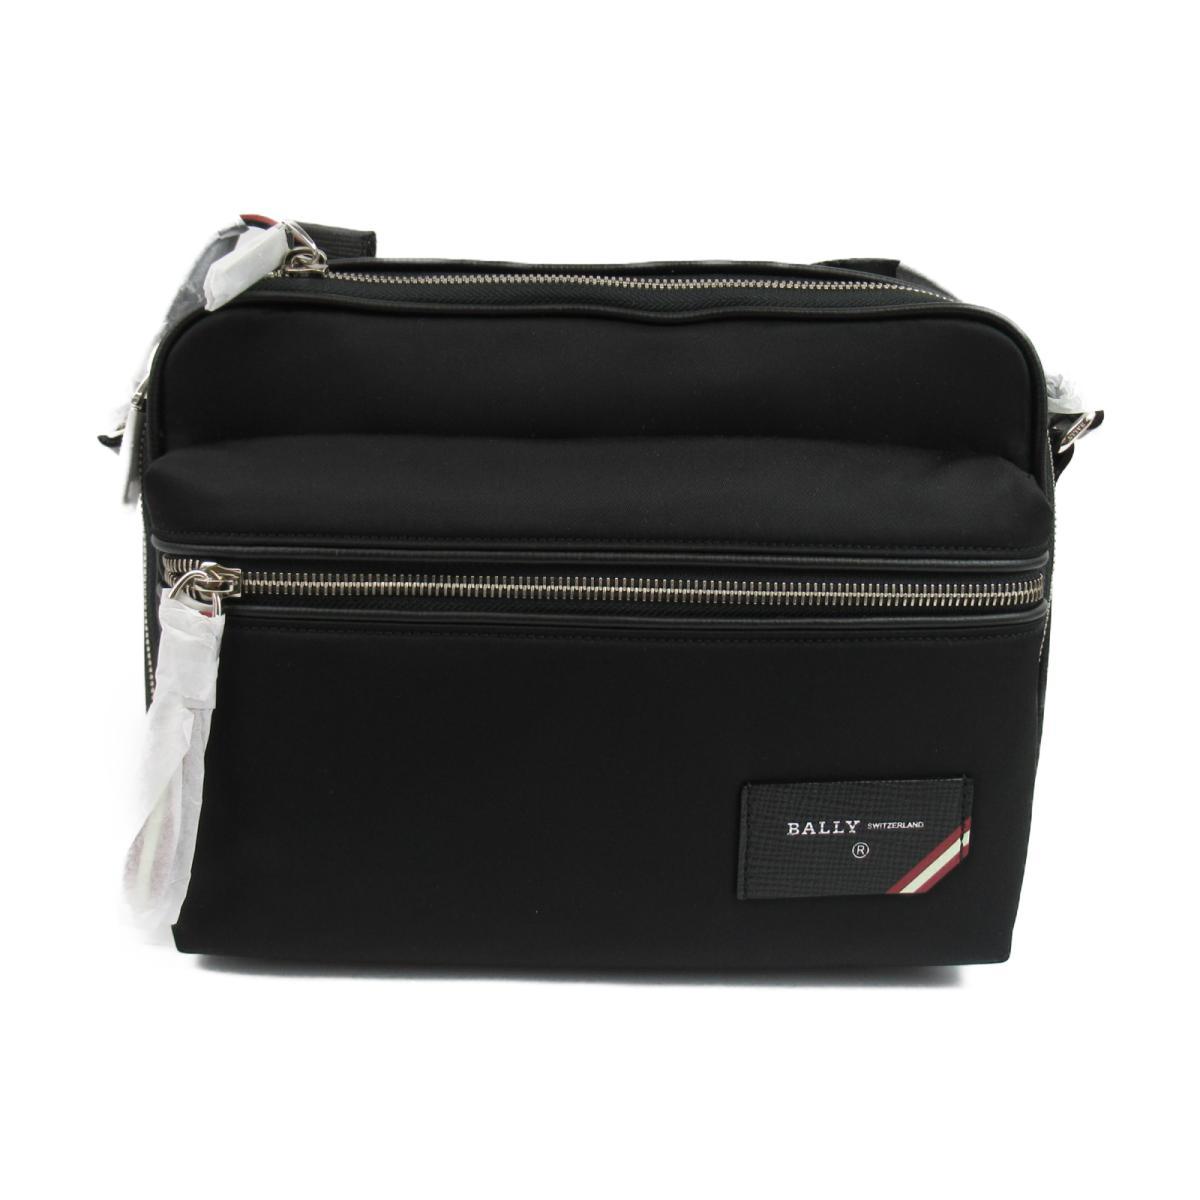 バリー FIJI ナイロン ワンショルダーバッグ バッグ メンズ x ファブリック ブラック レッド ホワイト (6226347) | ブランド